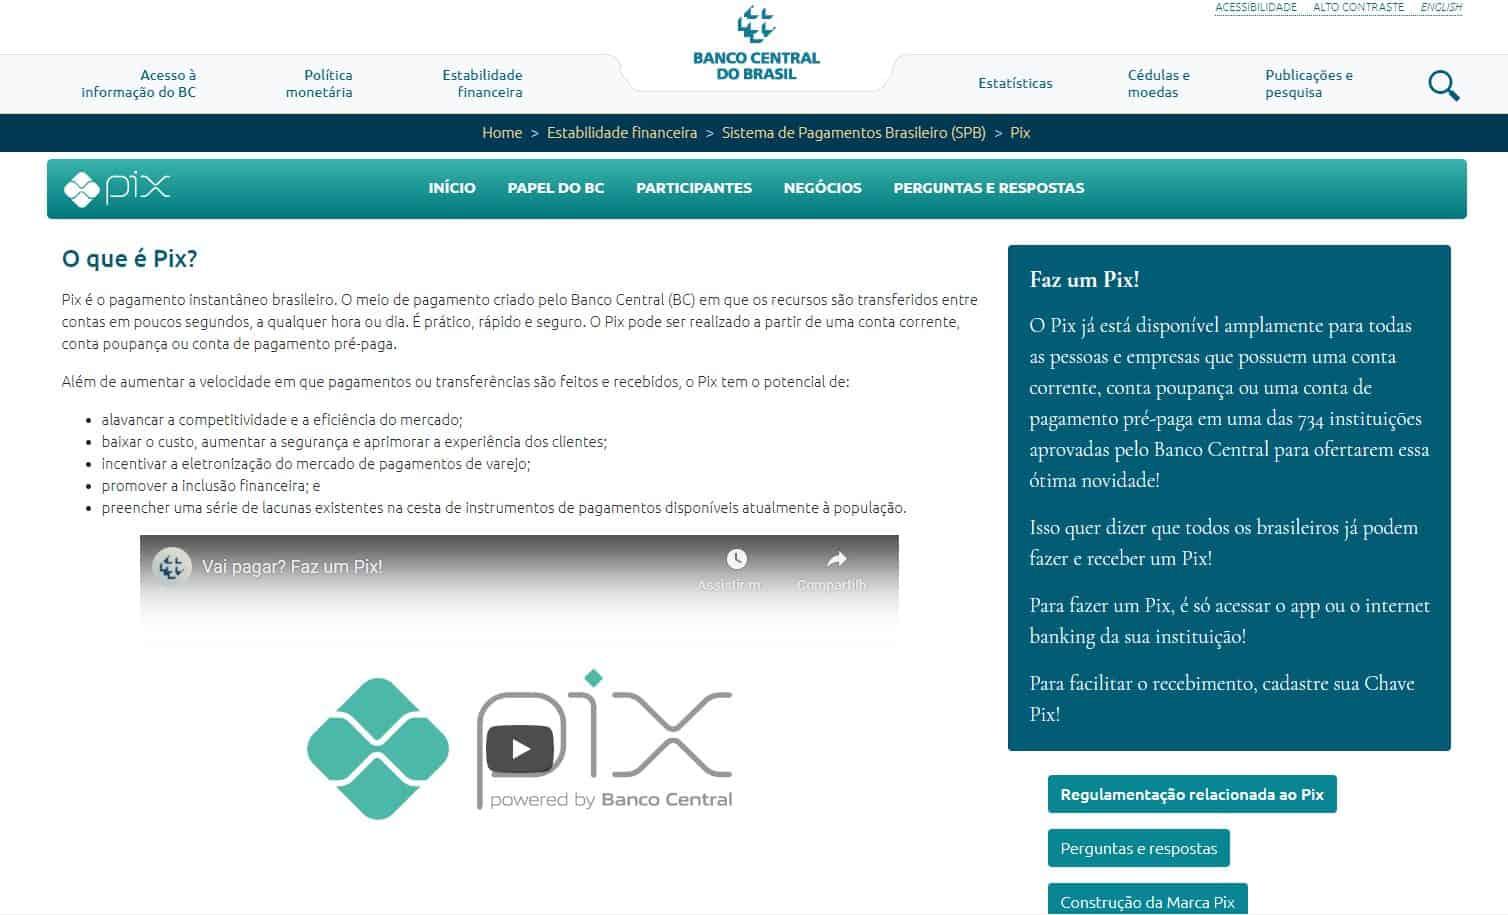 Site oficial do PIX no Banco Central do Brasil